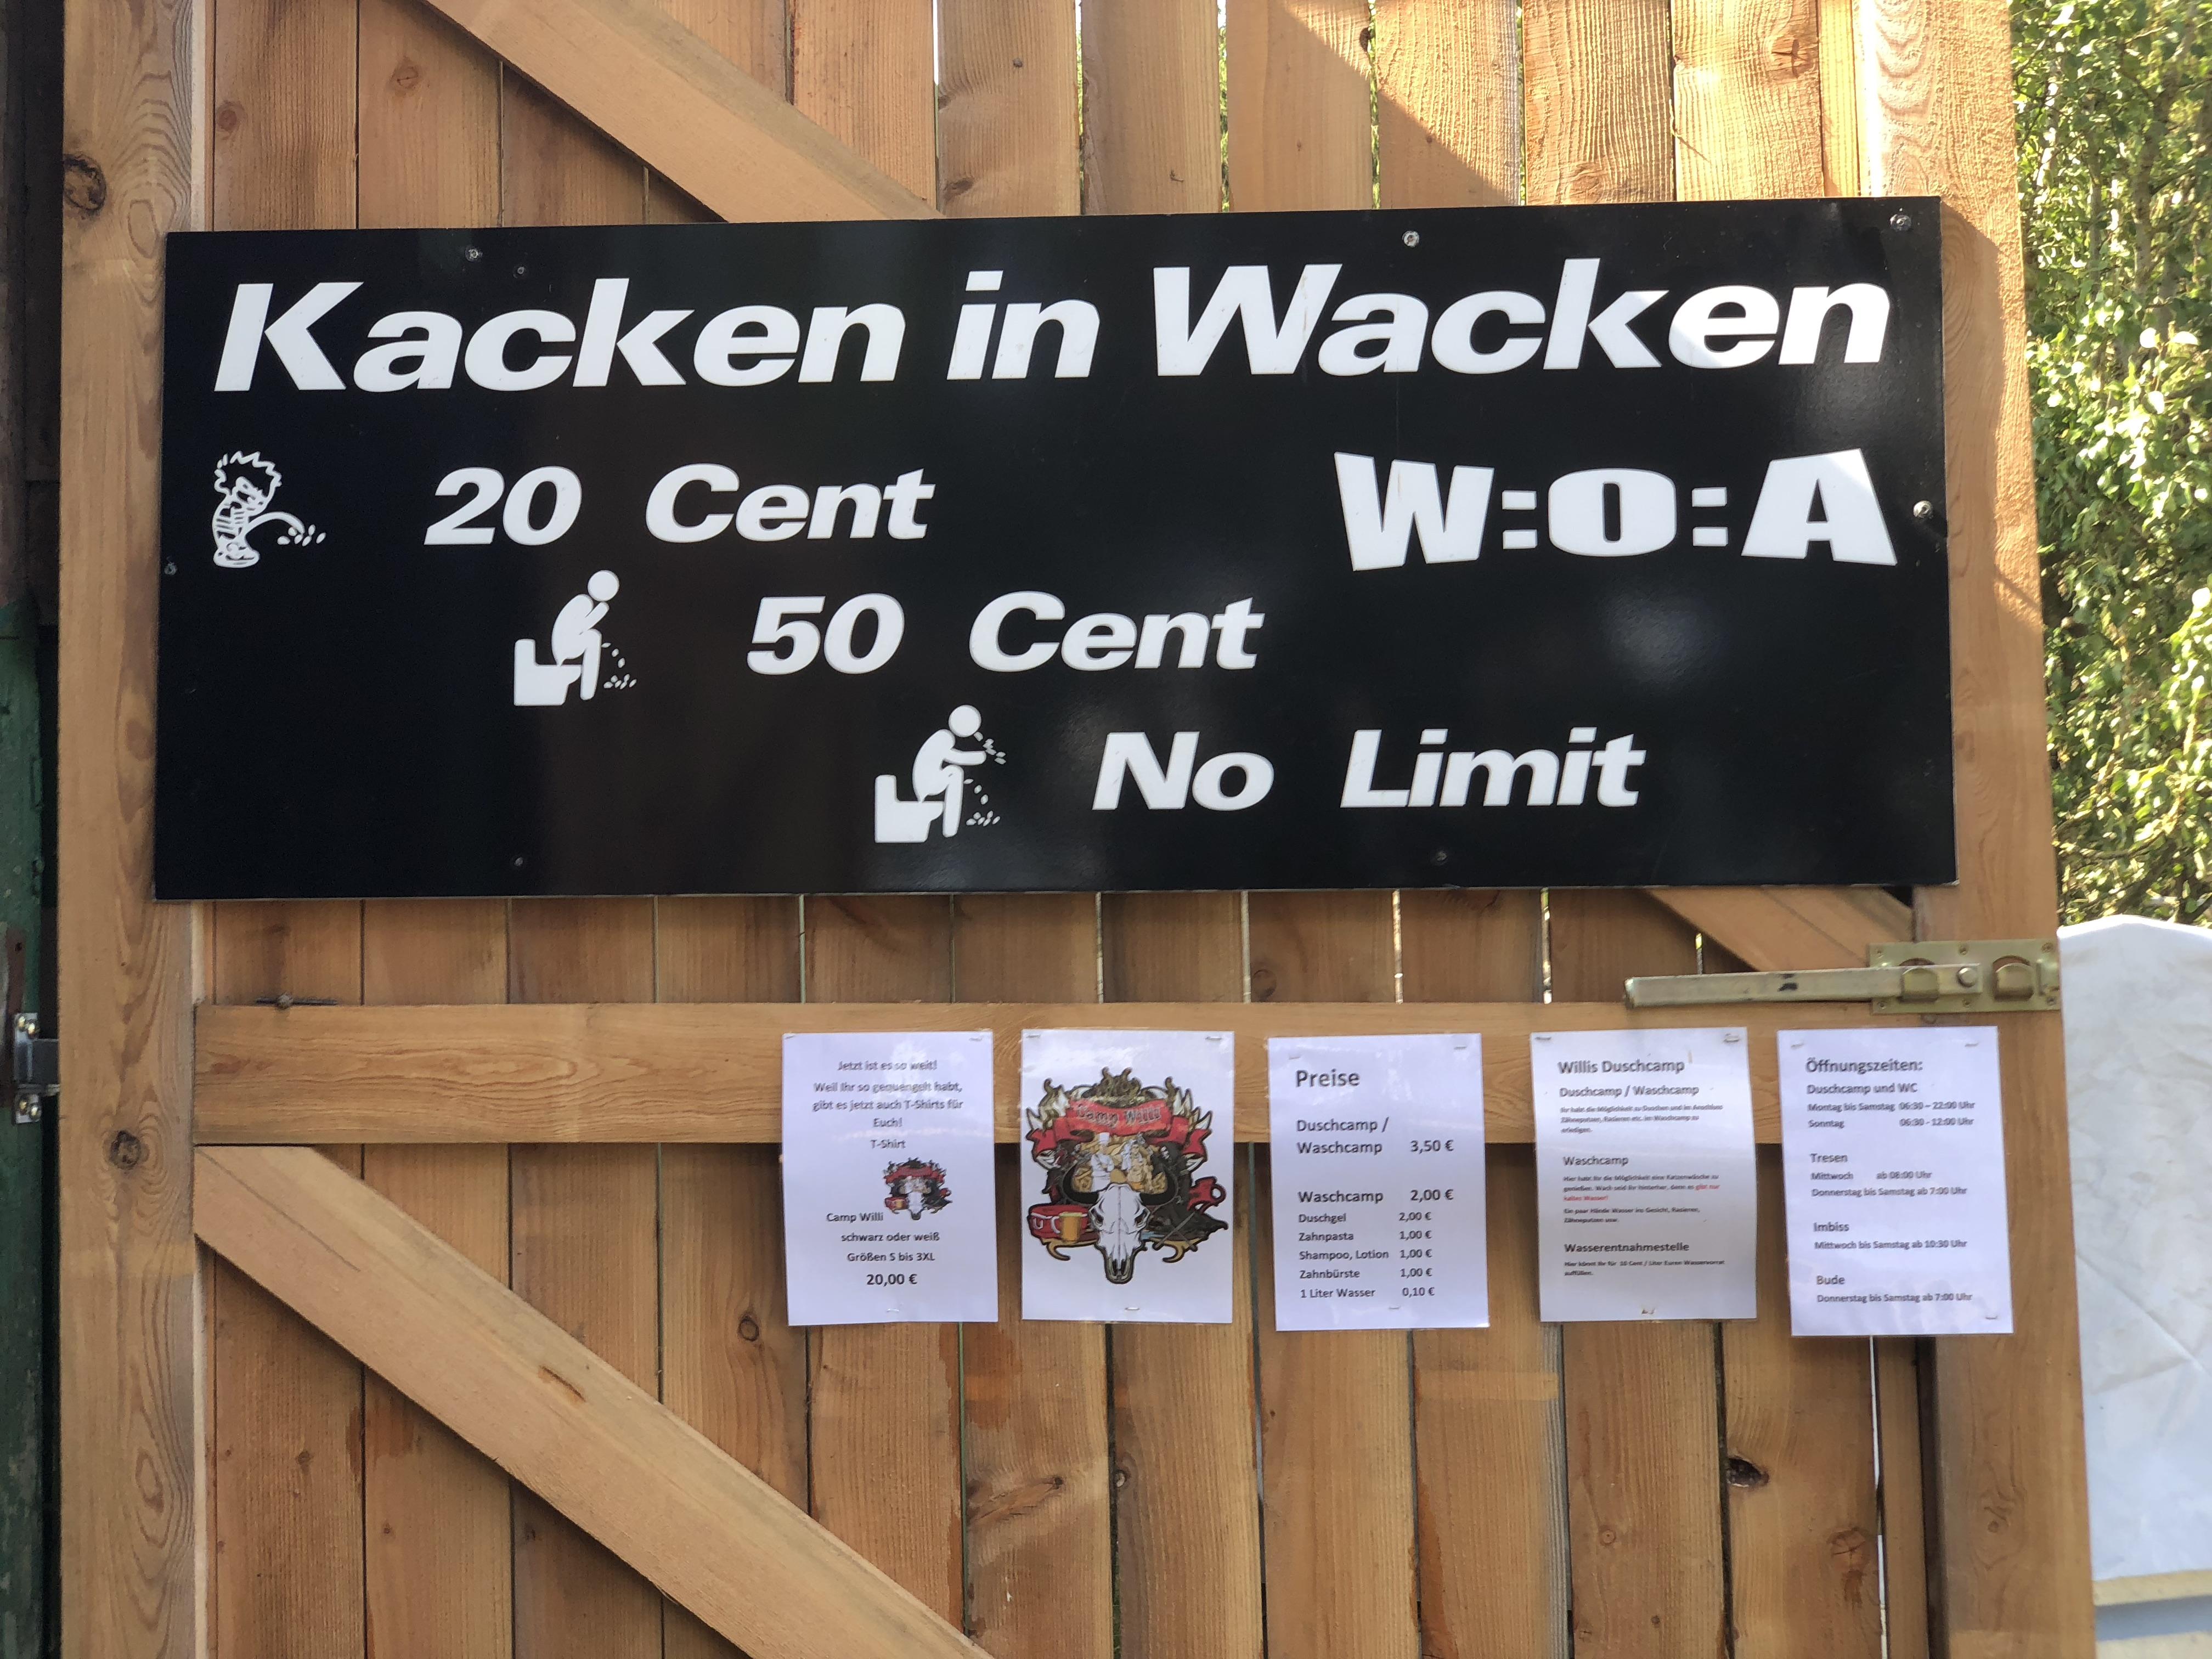 Kacken auf Wacken